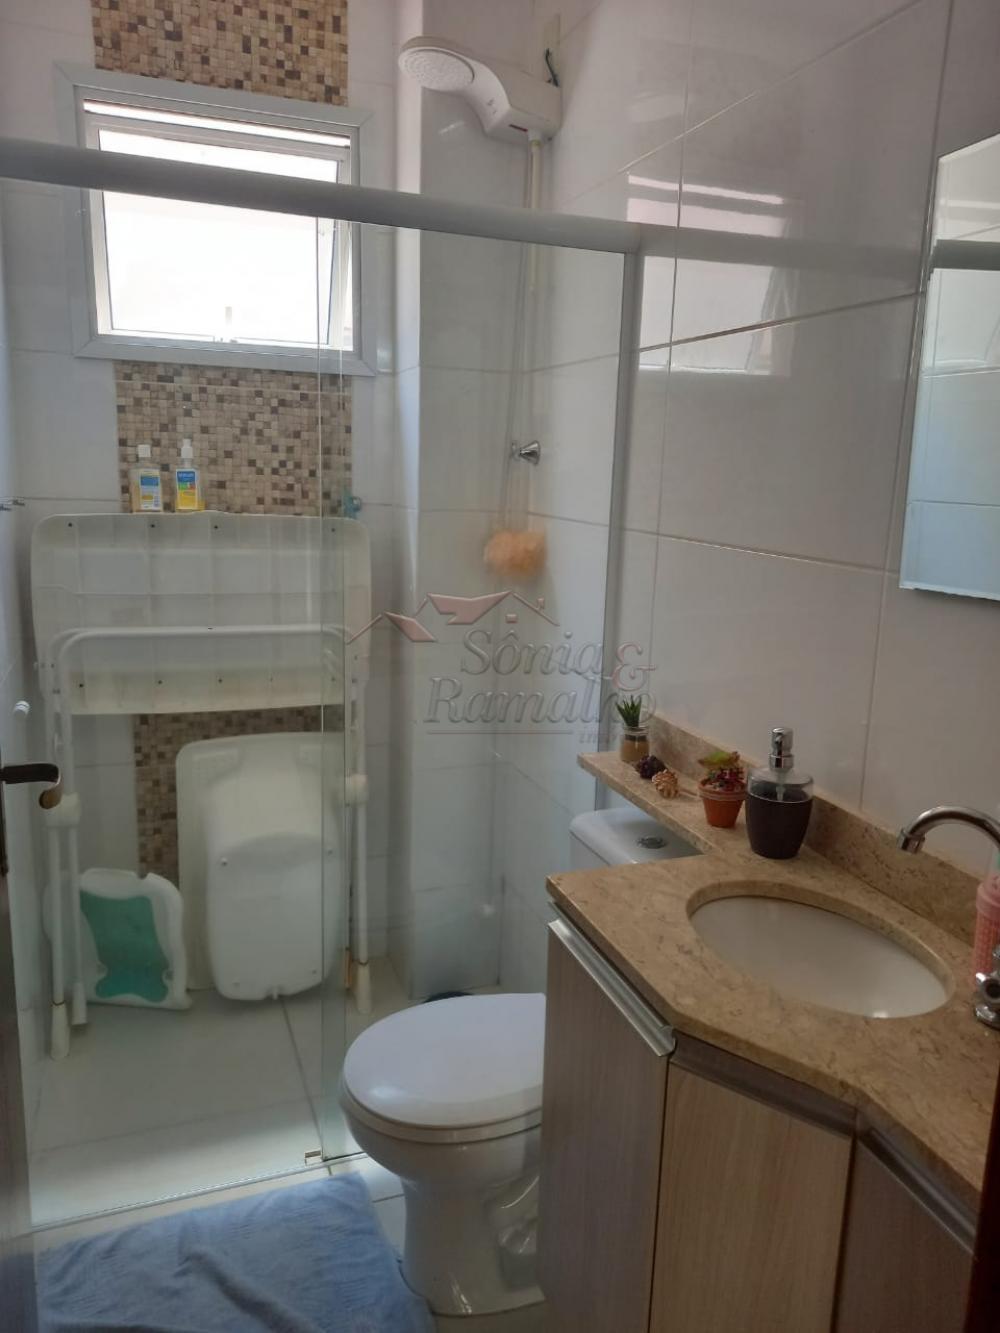 Comprar Apartamentos / Padrão em Ribeirão Preto R$ 225.000,00 - Foto 3